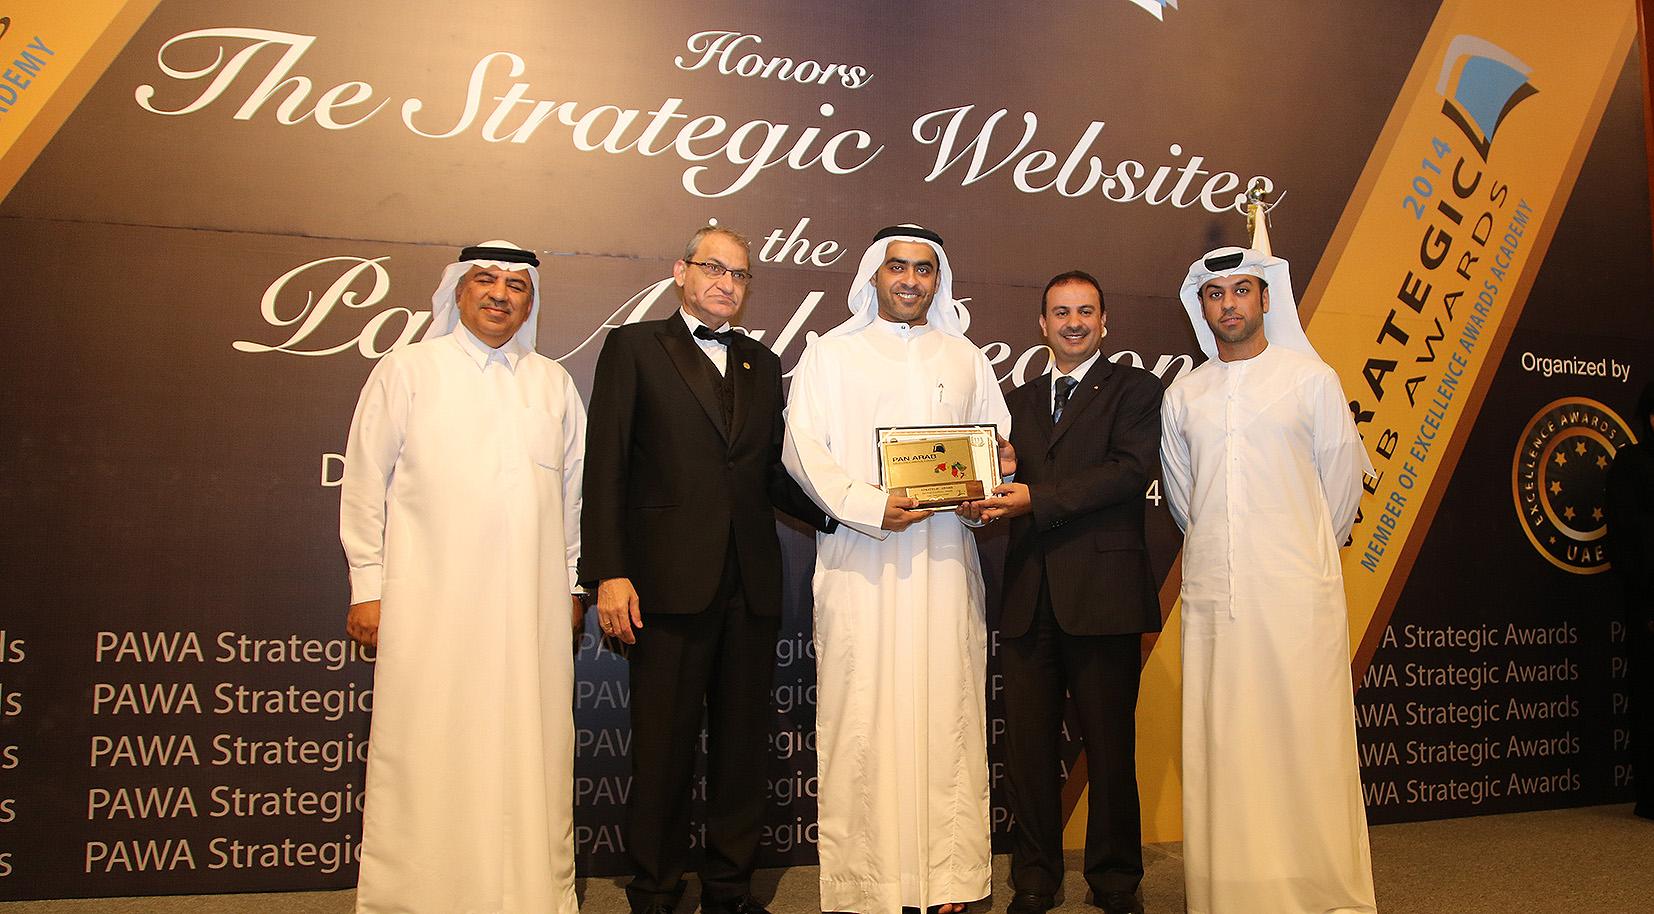 هيئة كهرباء ومياه دبي تحصل على جائزة الموقع الإلكتروني الاستراتيجي في المنطقة